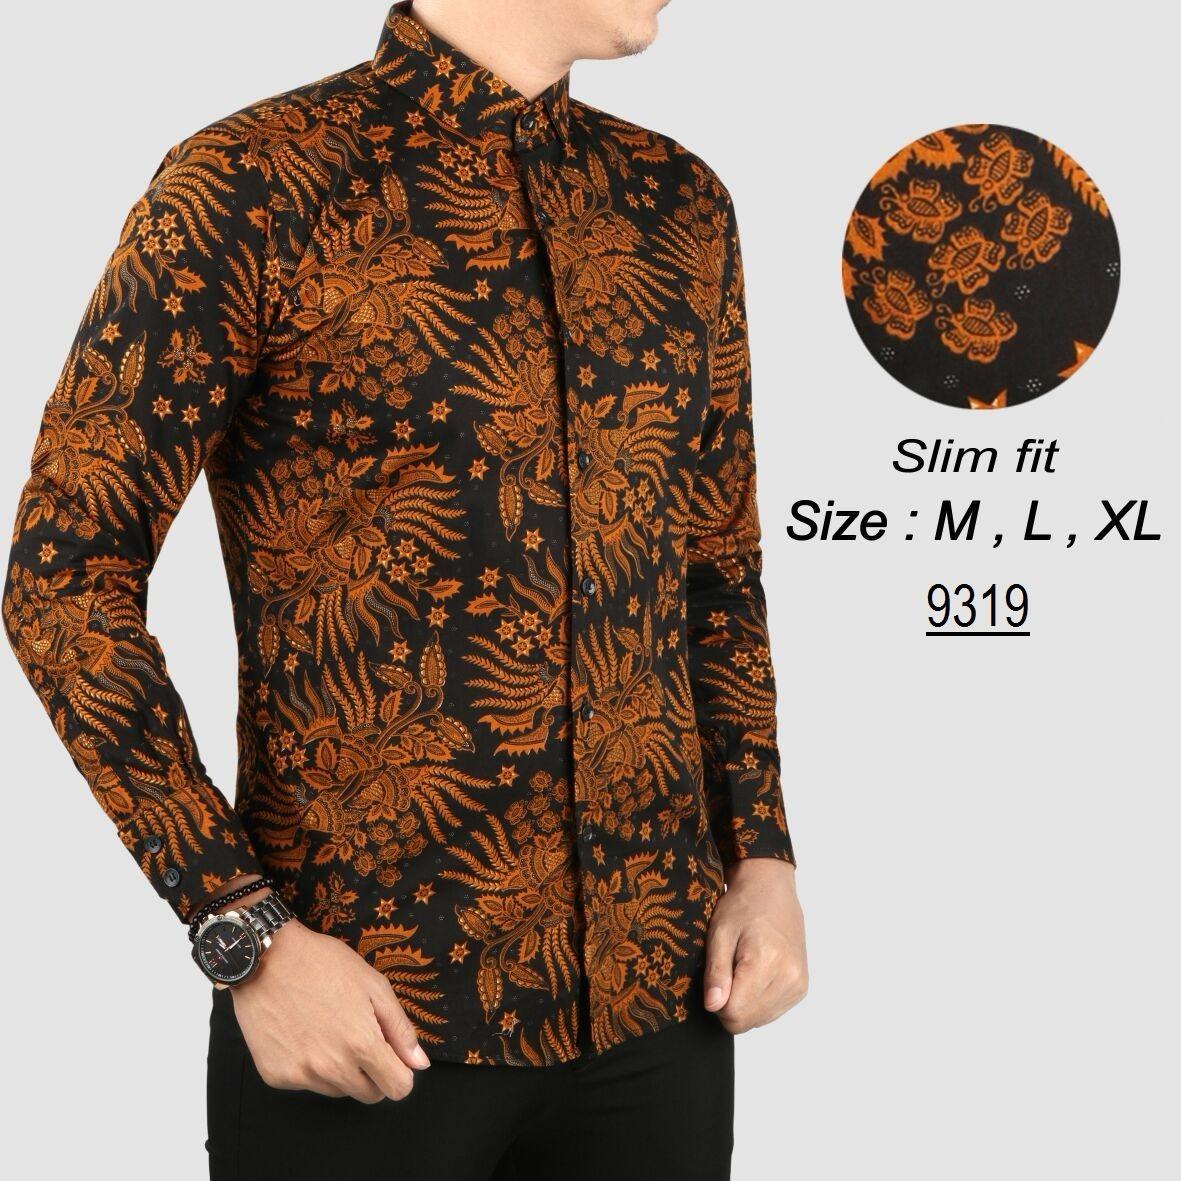 Spesifikasi Baju Batik Modern Kemeja Pria Slim Fit H9319 Beserta Harganya